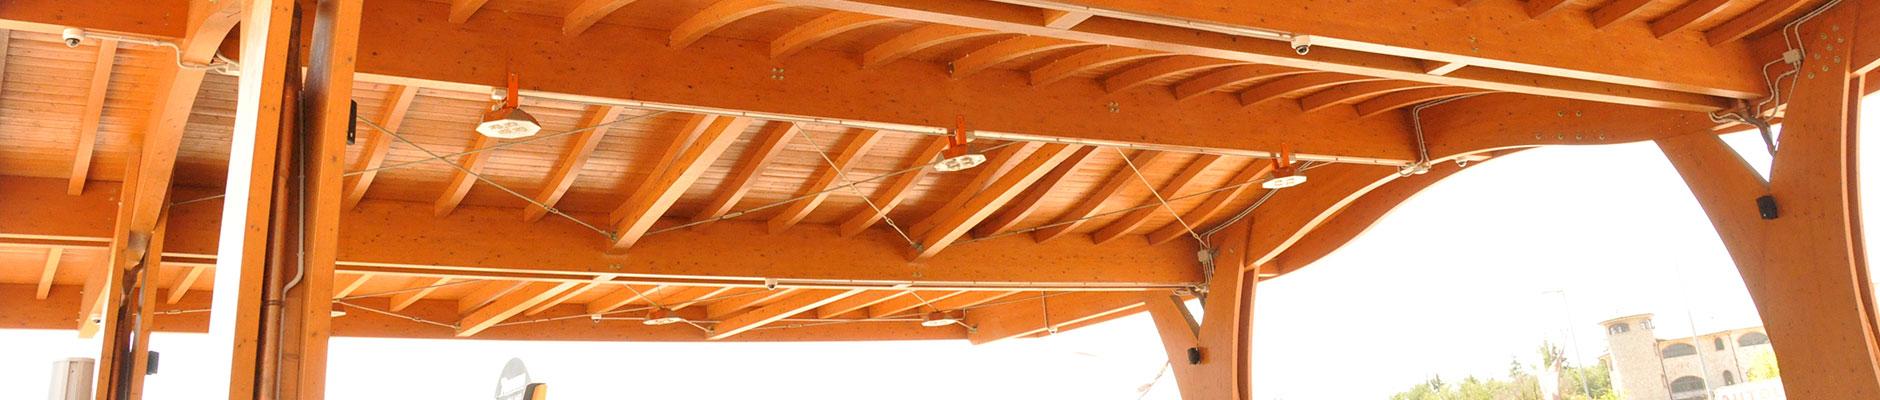 ARANOVA - Strutture in legno